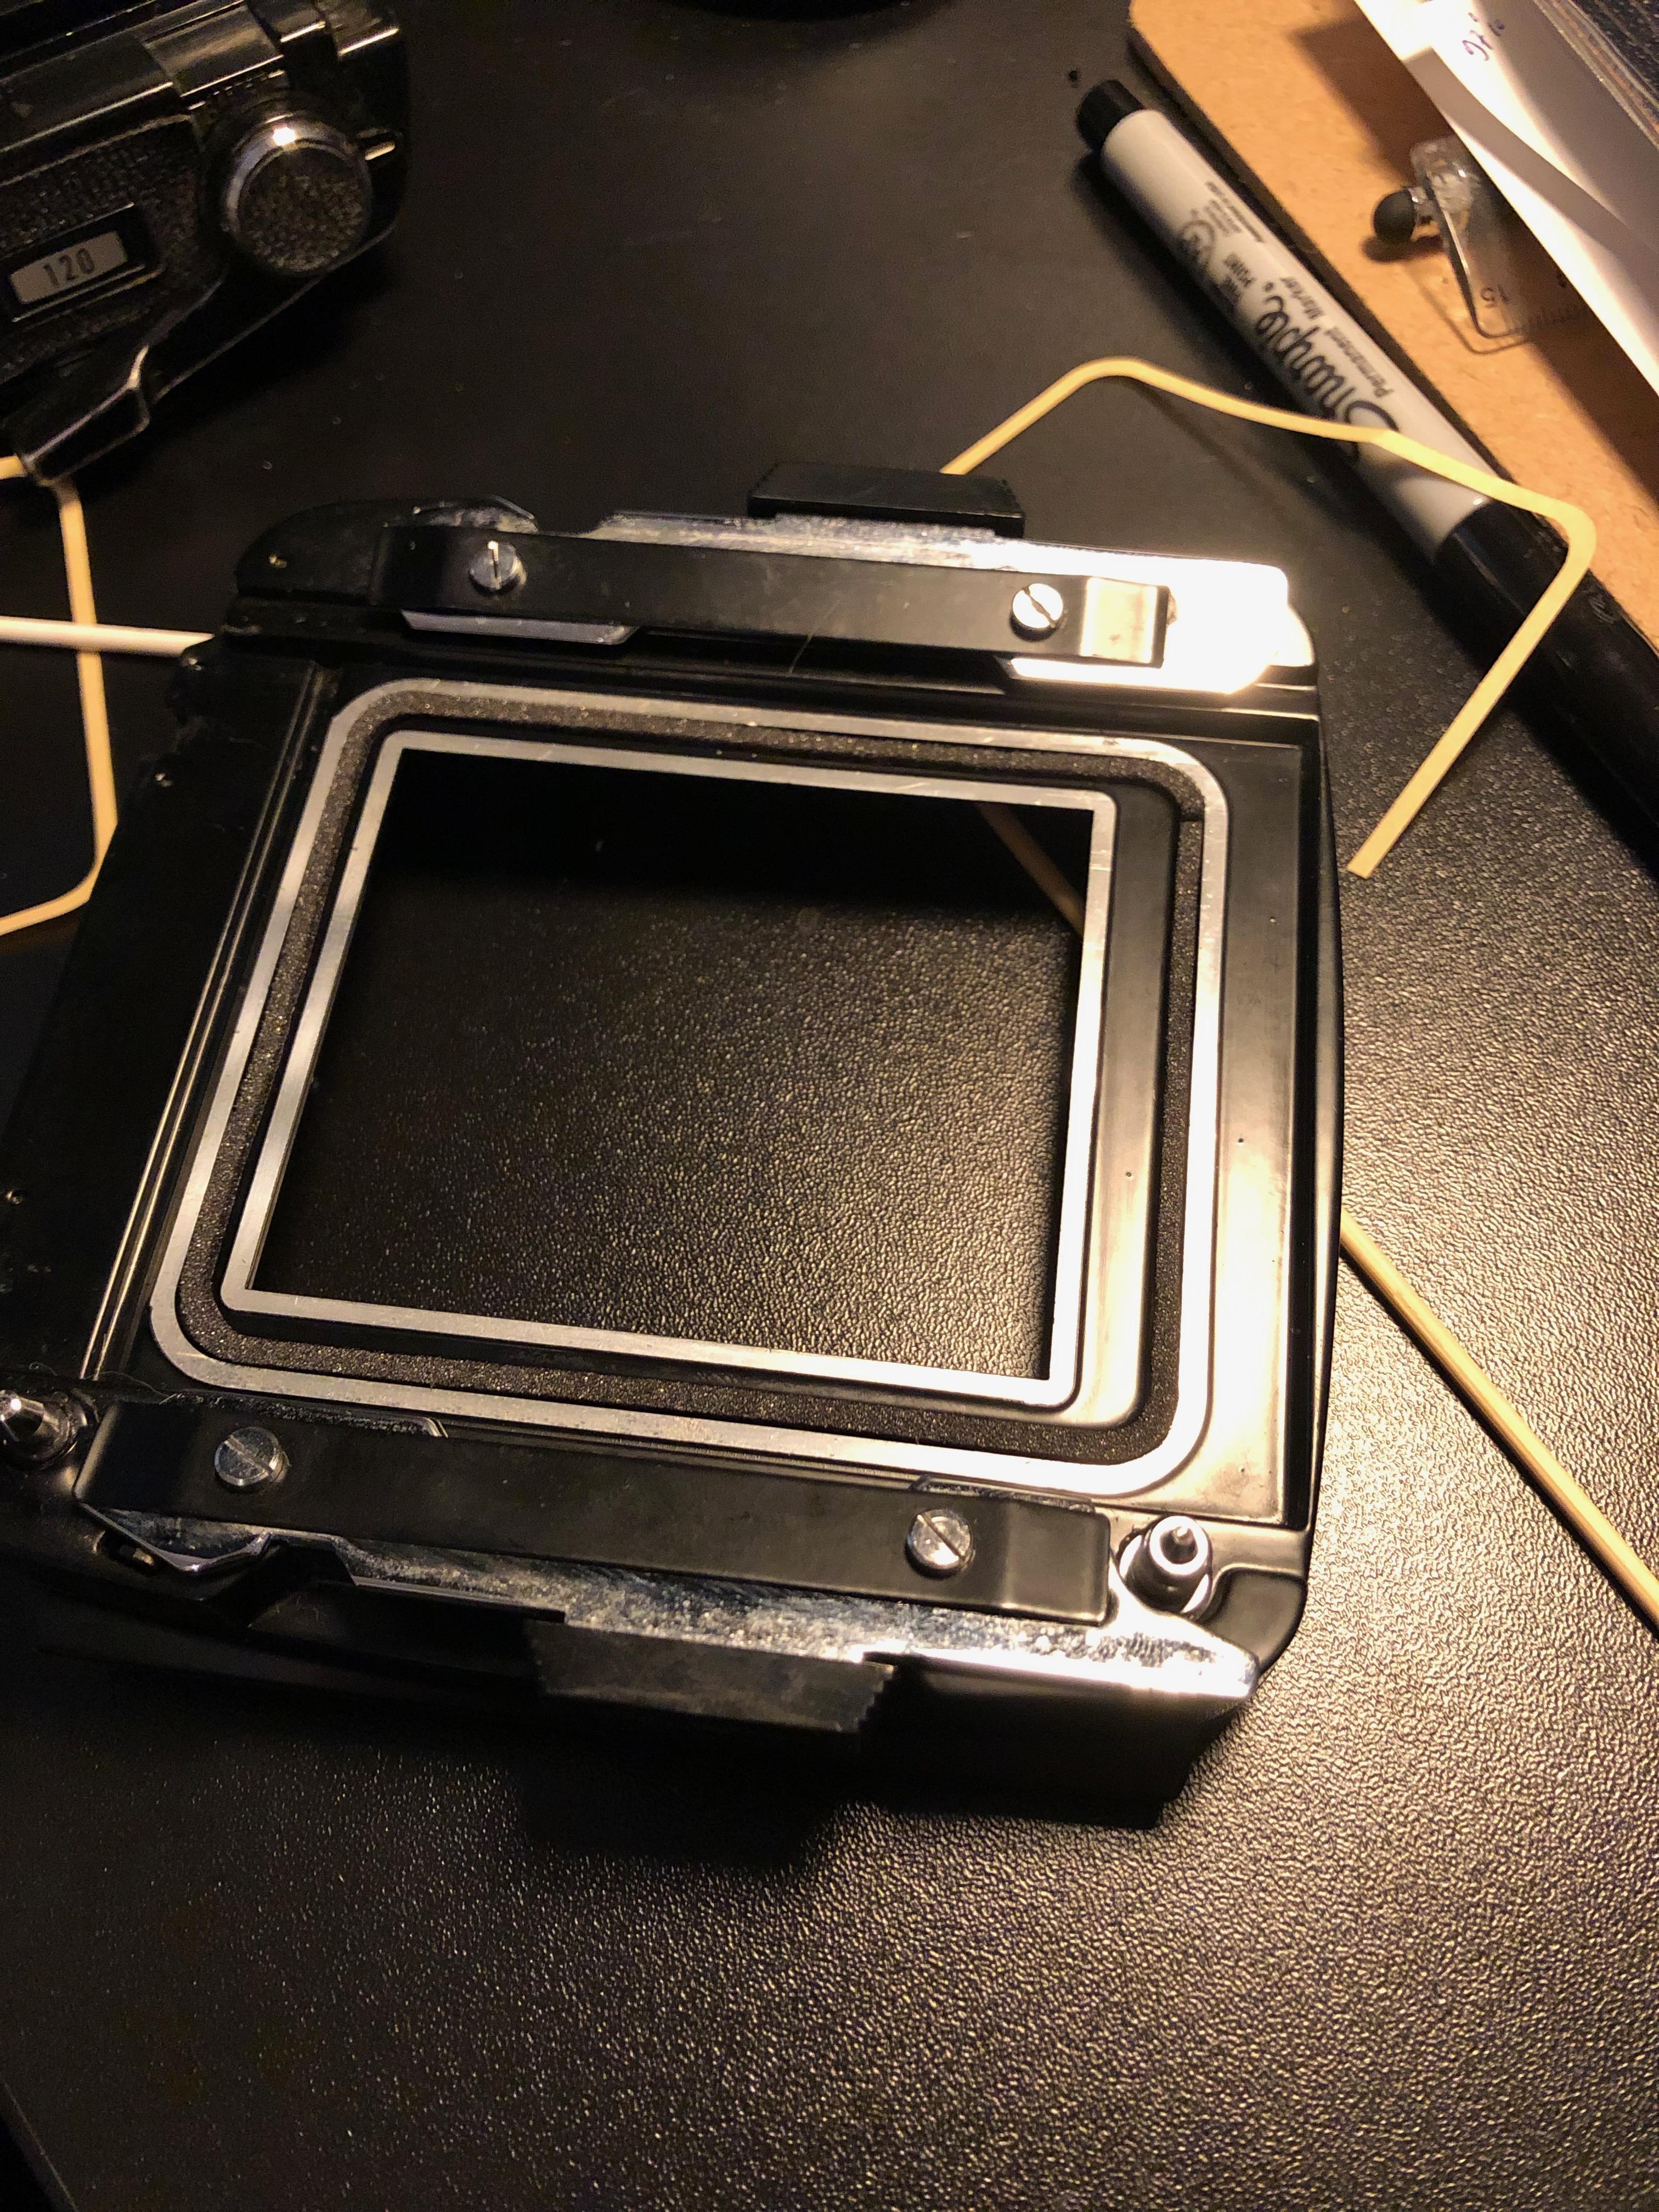 mamiya-rb67-restoration-medium-format-camera-light-seals-leather-203